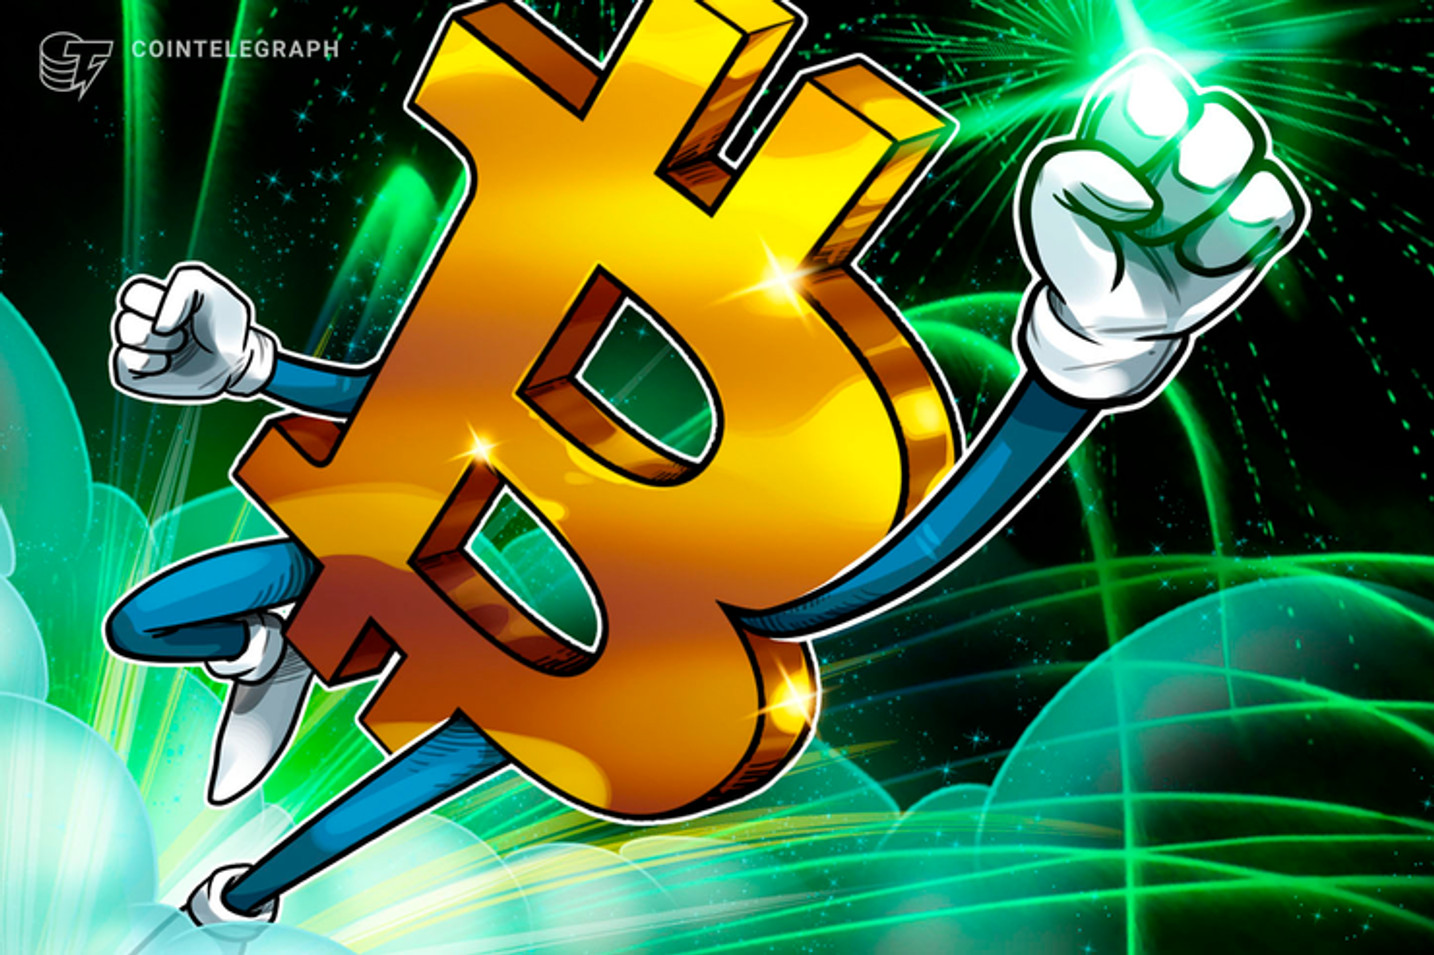 Cuatro posibles razones de la reciente subida de 12% en el precio del Bitcoin